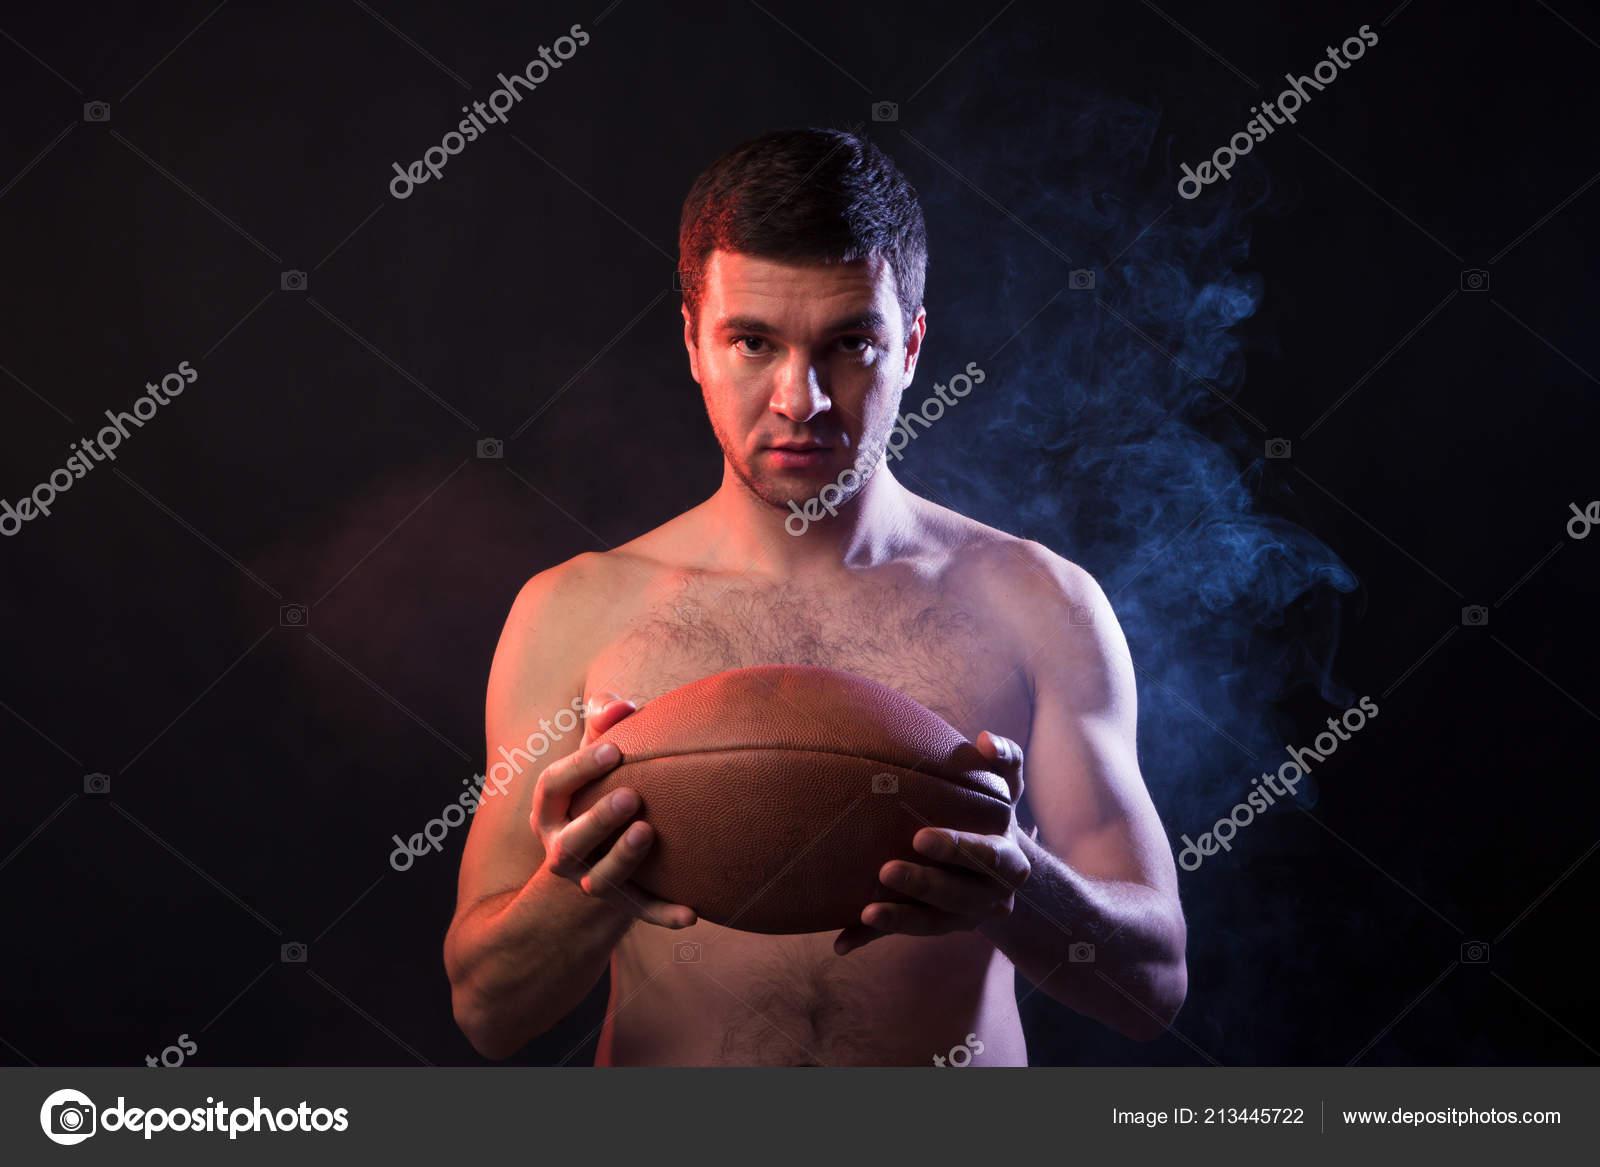 vysoká škola kouření soutěž xxx sex mladý